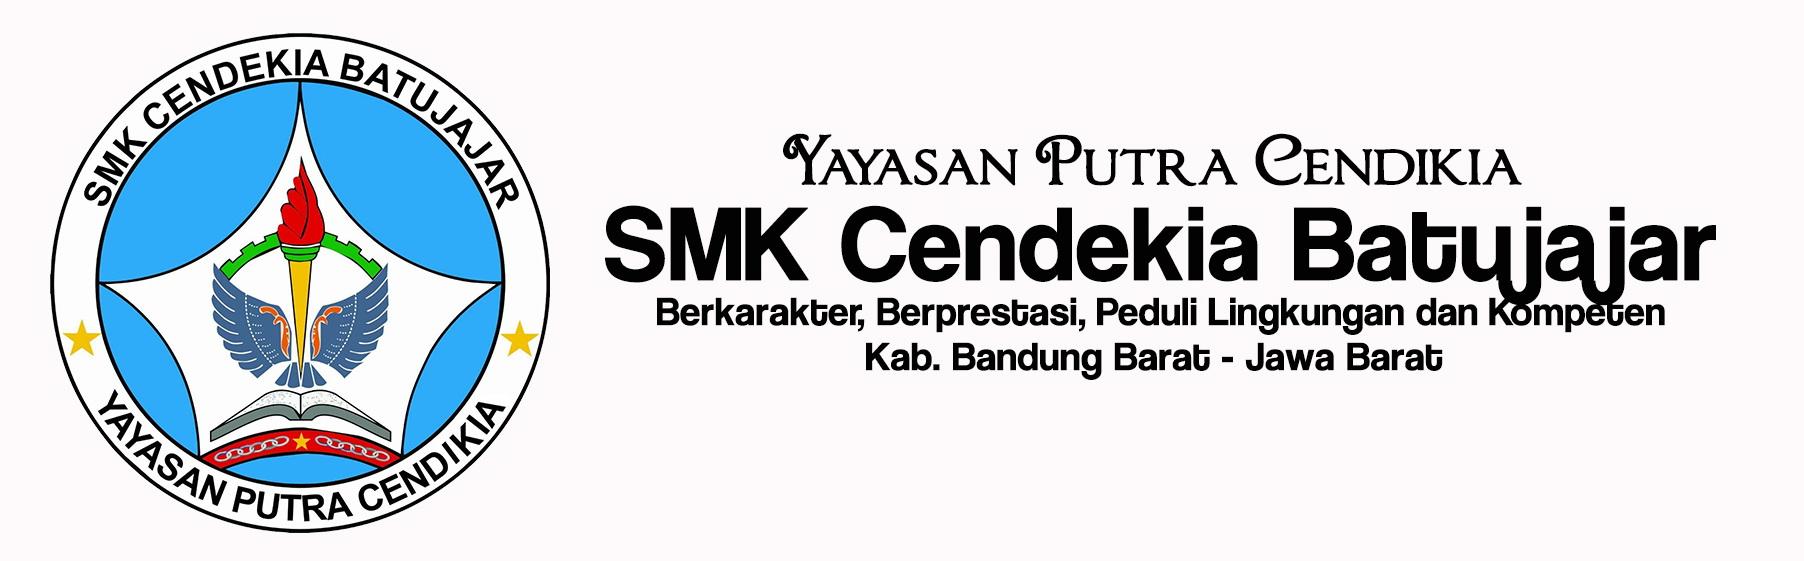 SMK Cendekia Batujajar